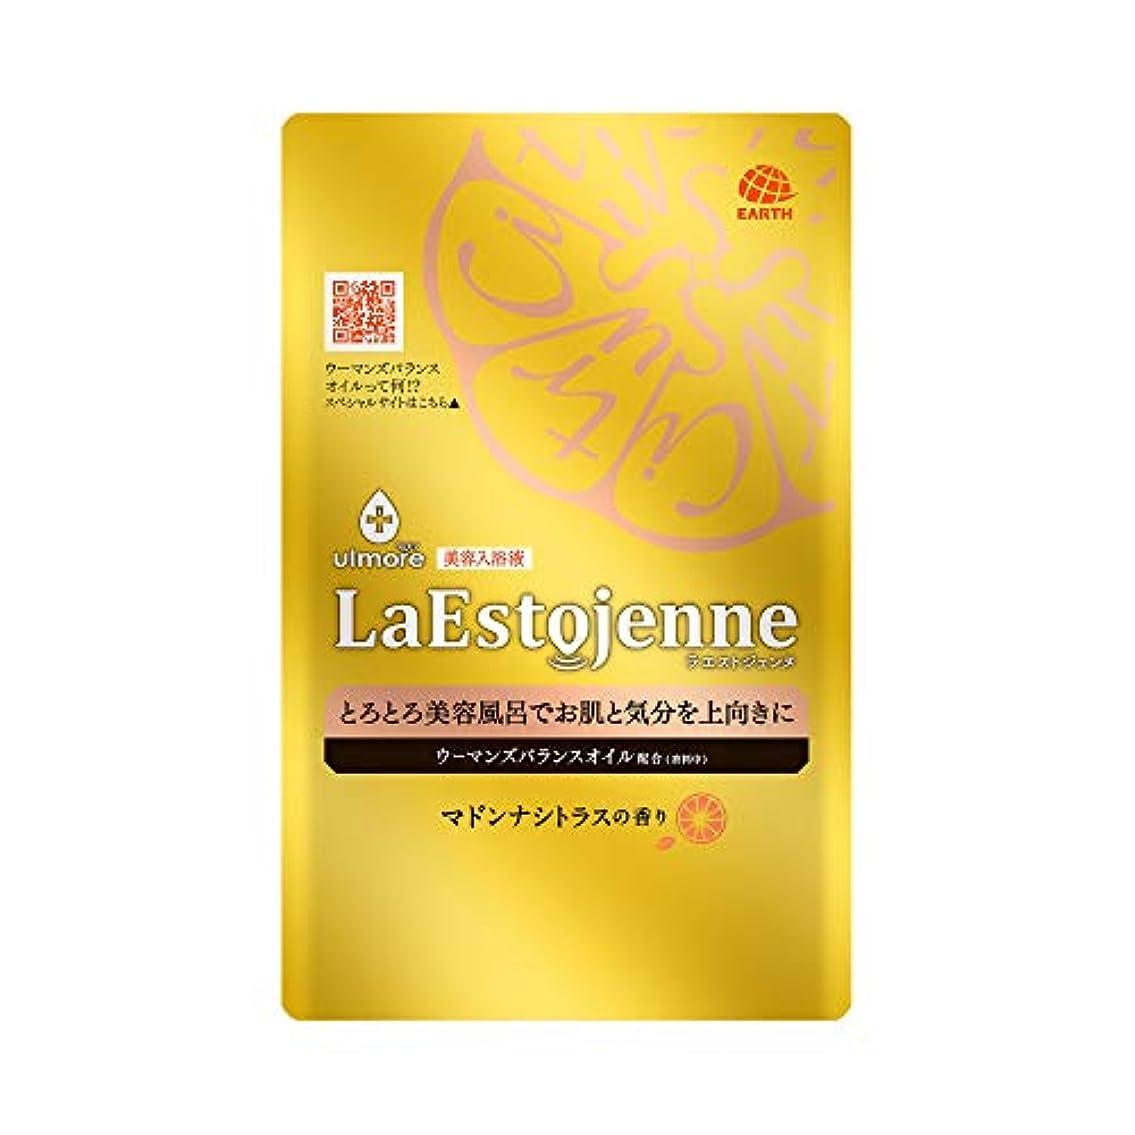 悪意のある派生する人ウルモア ラエストジェンヌ 入浴剤 マドンナシトラスの香り [160ml x 1包入り]